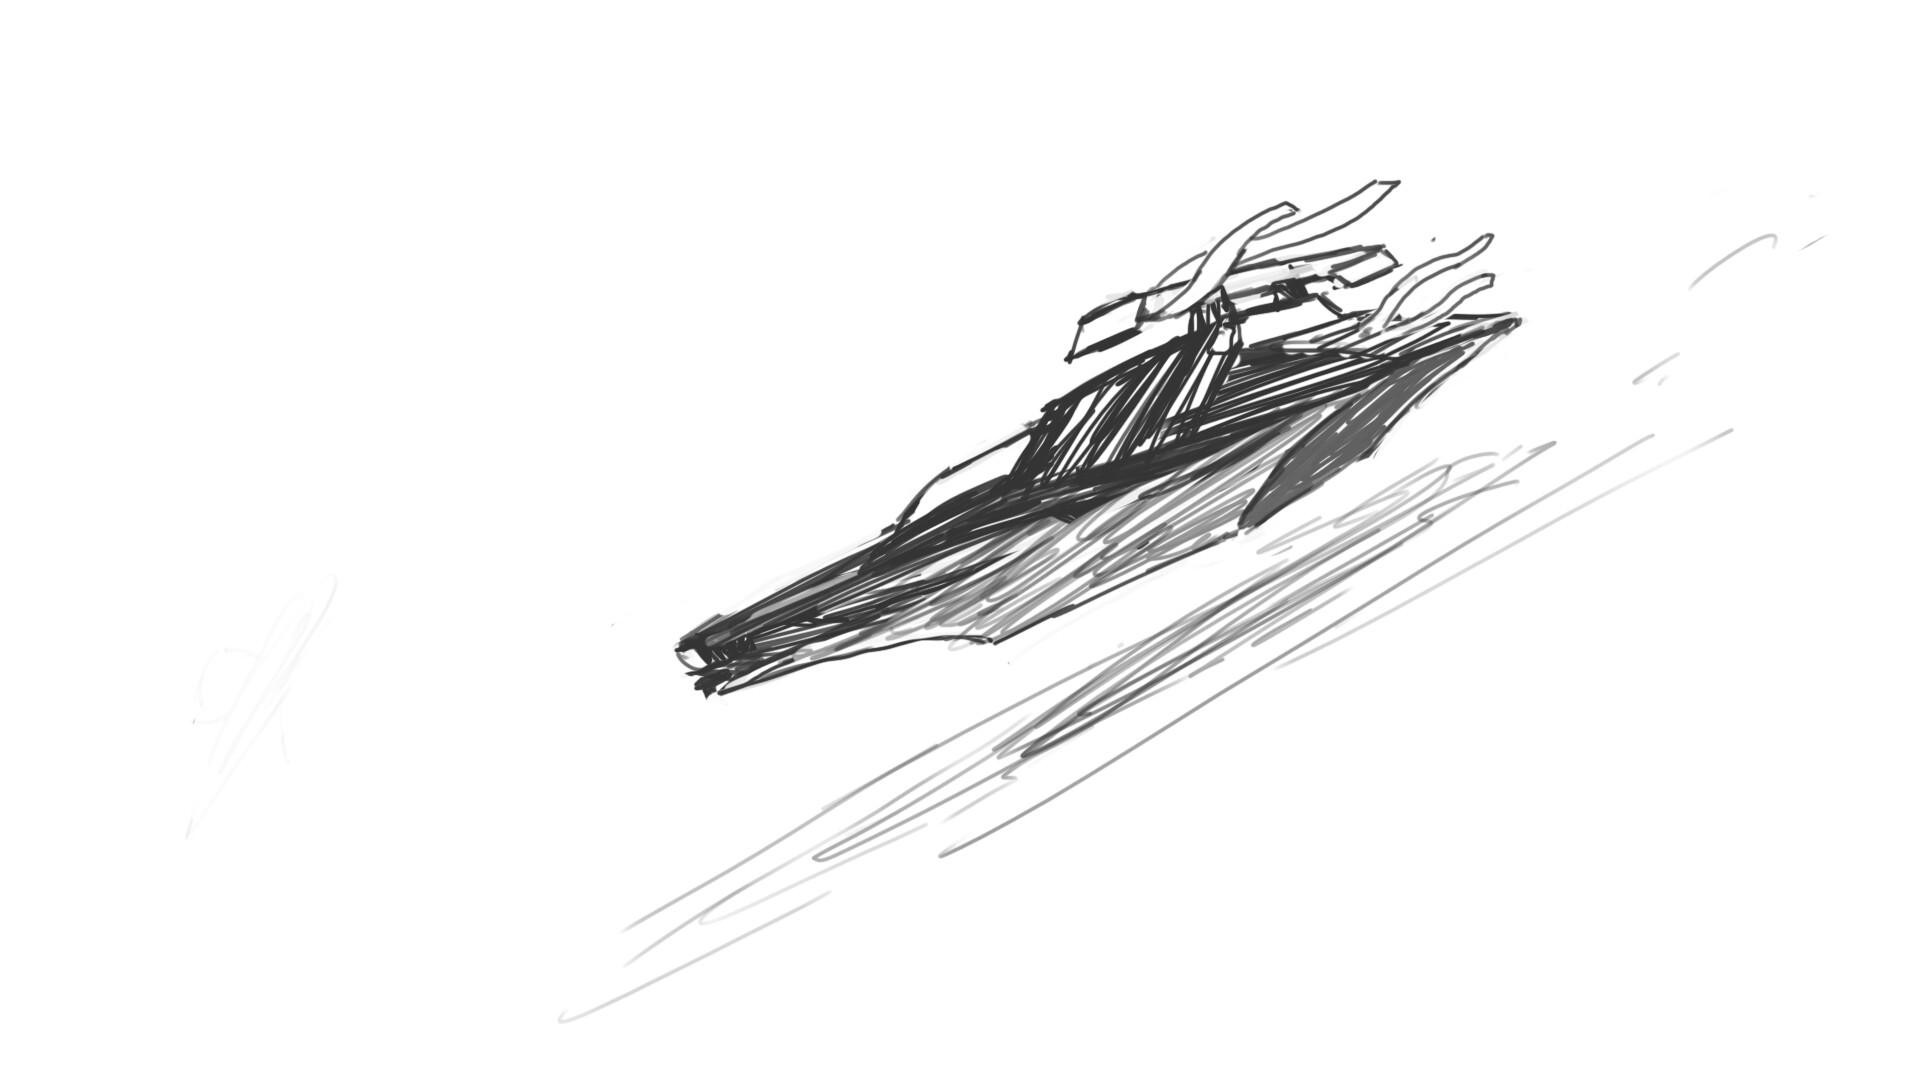 Alexander laheij drawing10 81